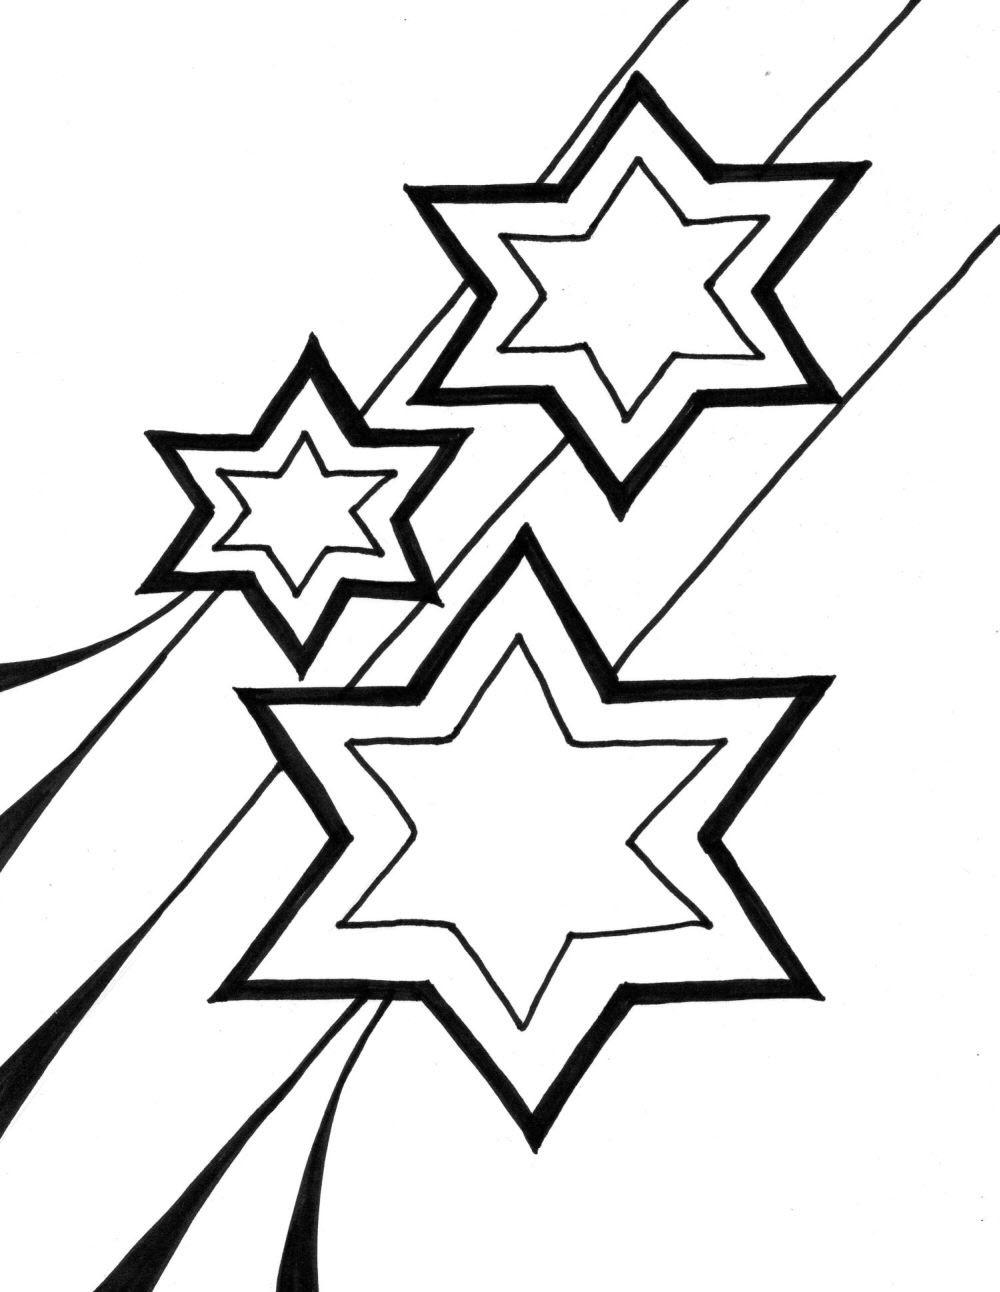 Tranh tô màu ngôi sao đơn giản đẹp nhất cho bé